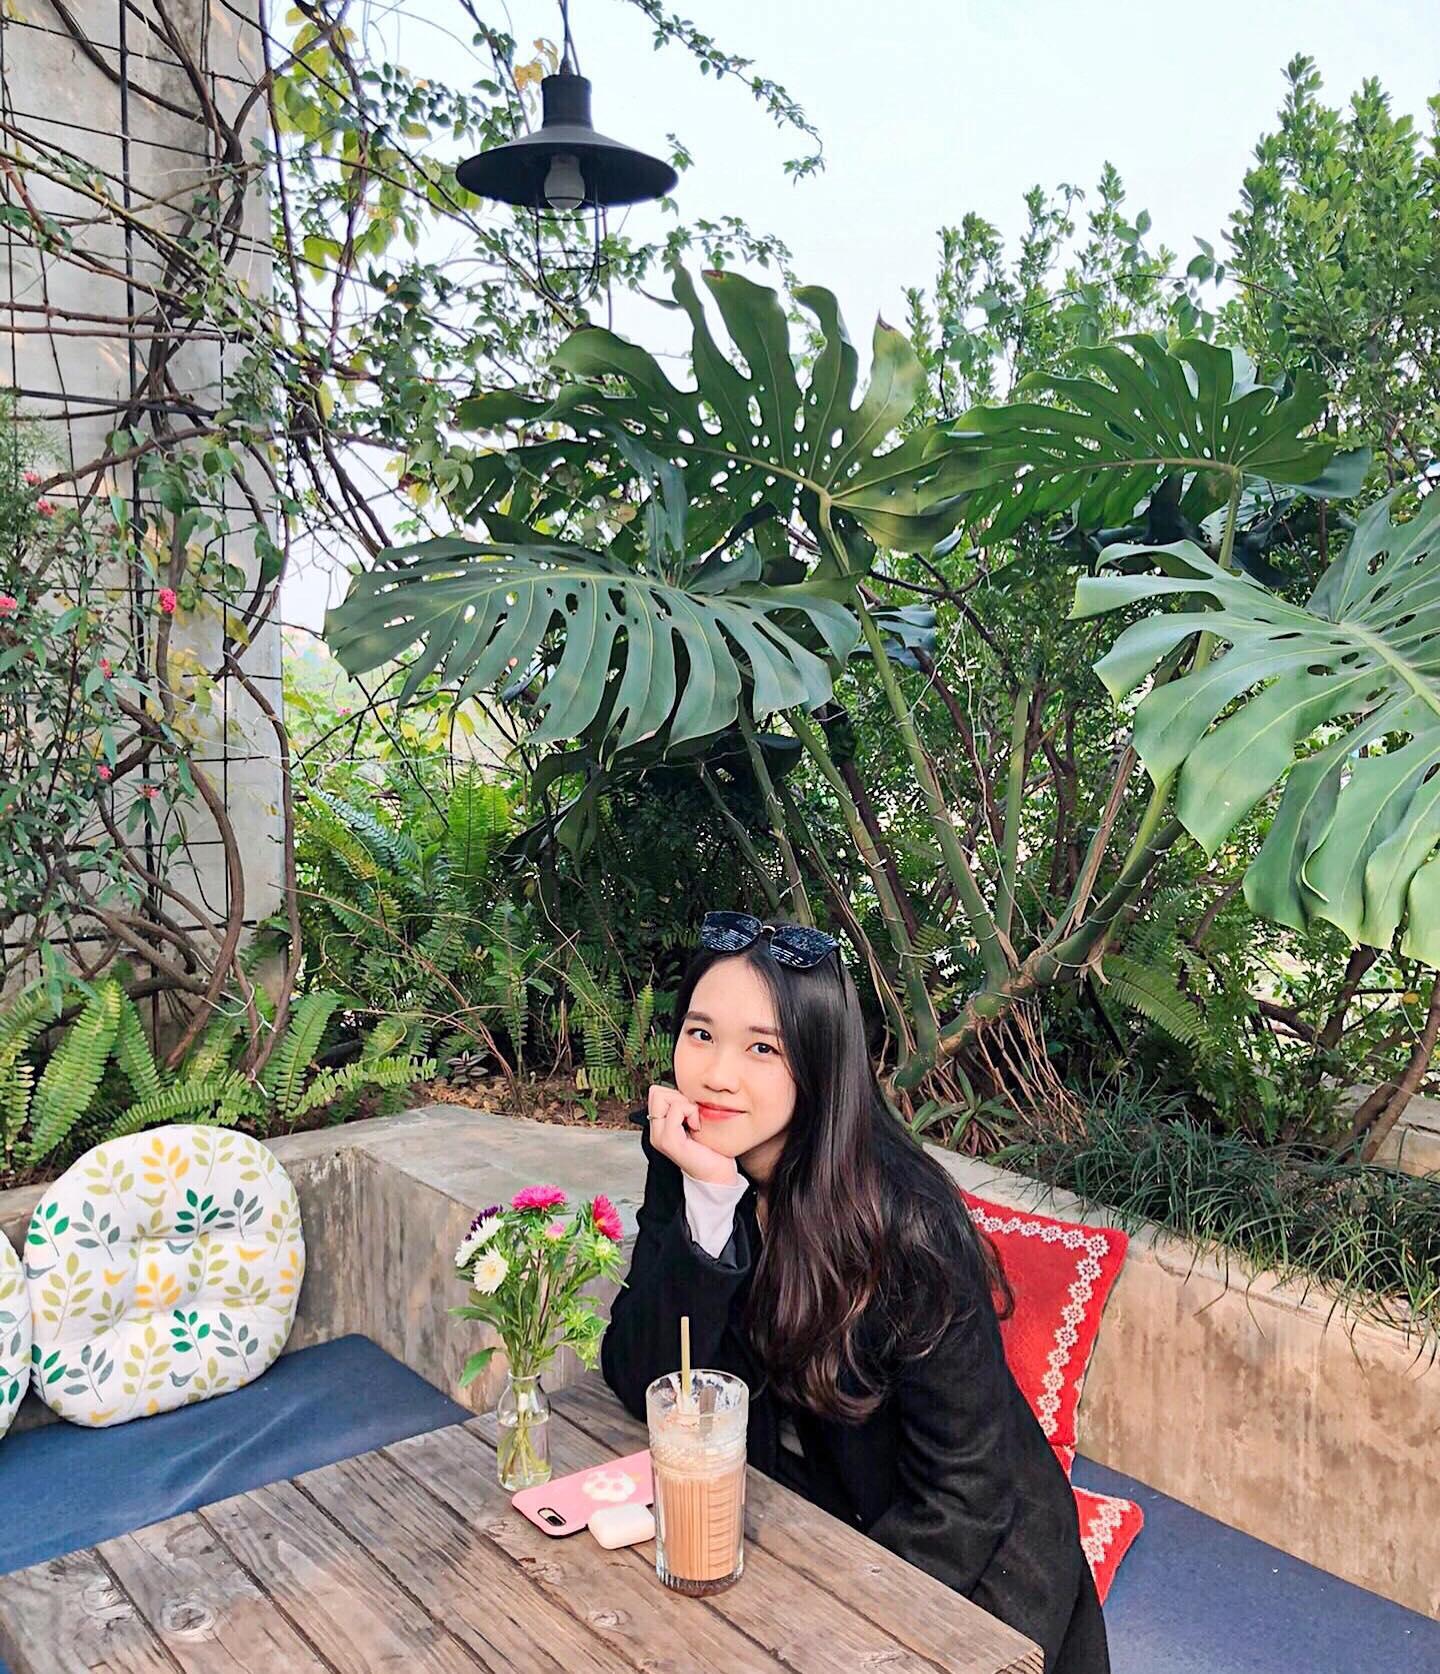 ha-noi-quan-cafe-yen-tinh-o-cau-giay-6